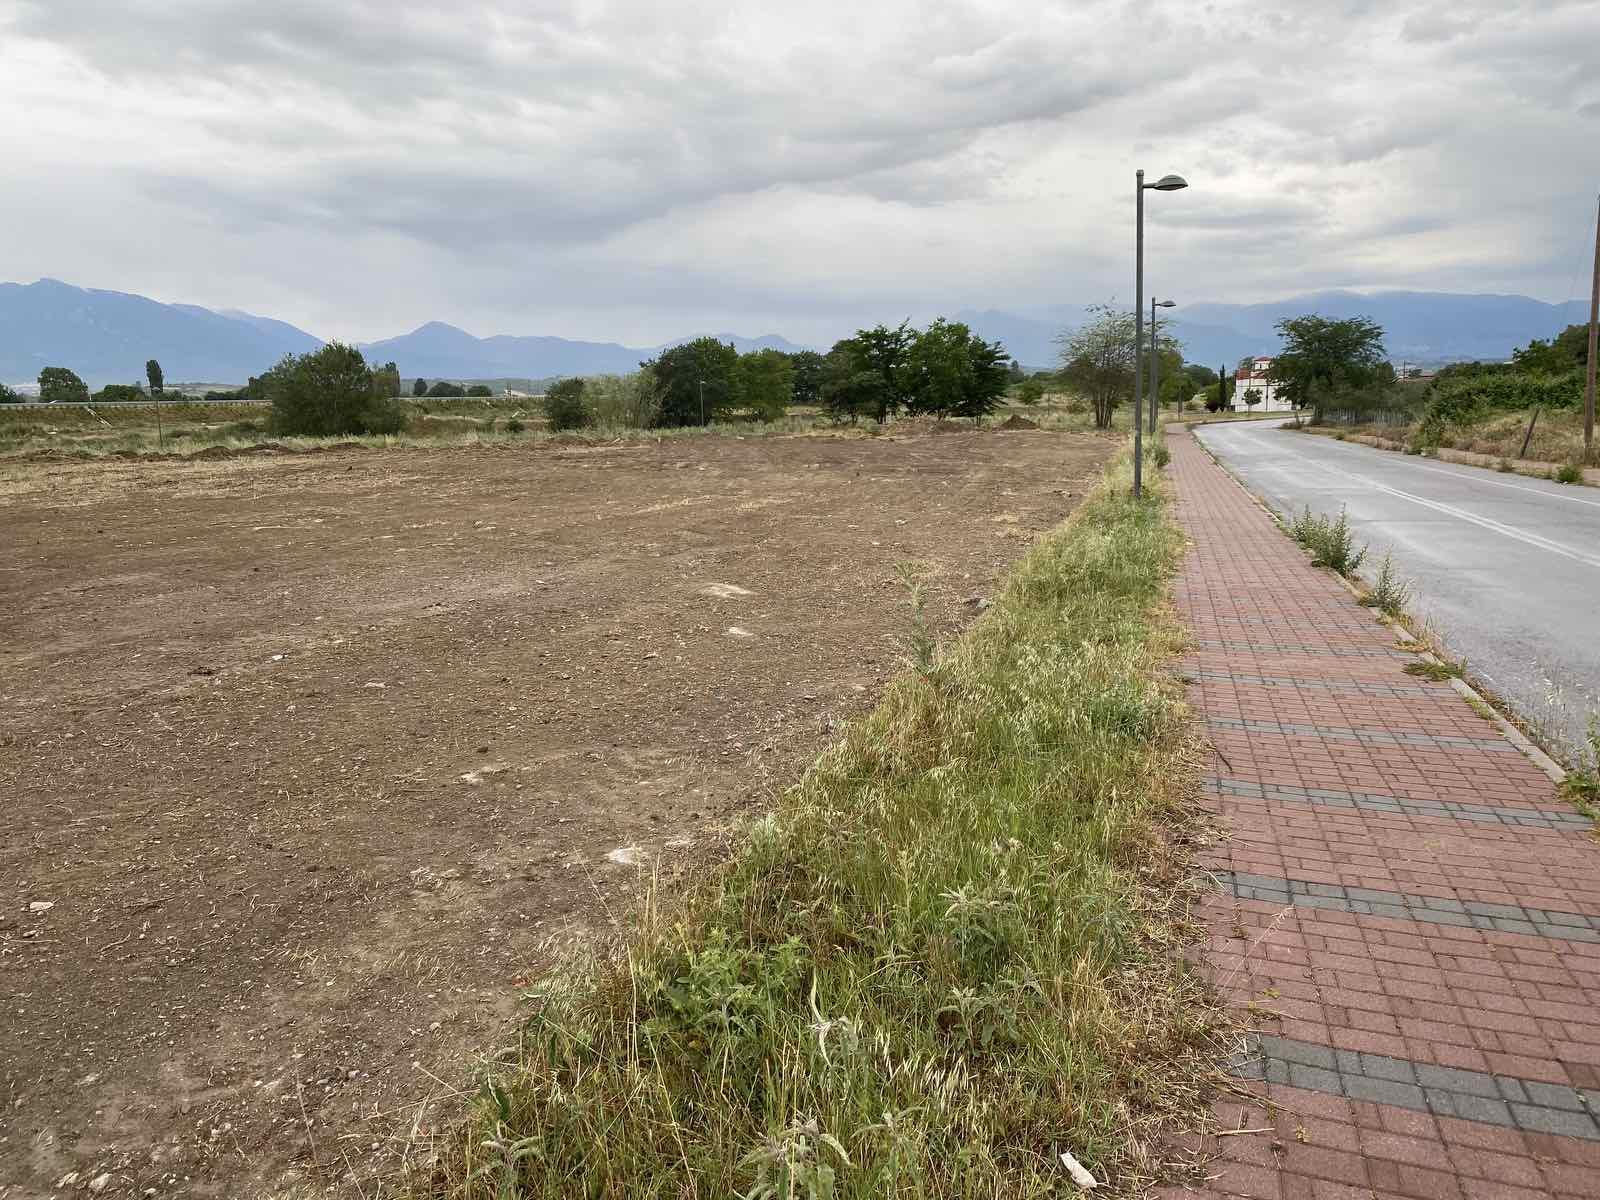 Επιχείρηση καθαρισμού στην περιοχή του Πέλεκα - Απομακρύνθηκαν μπάζα, ογκώδη αντικείμενα και σκουπίδια